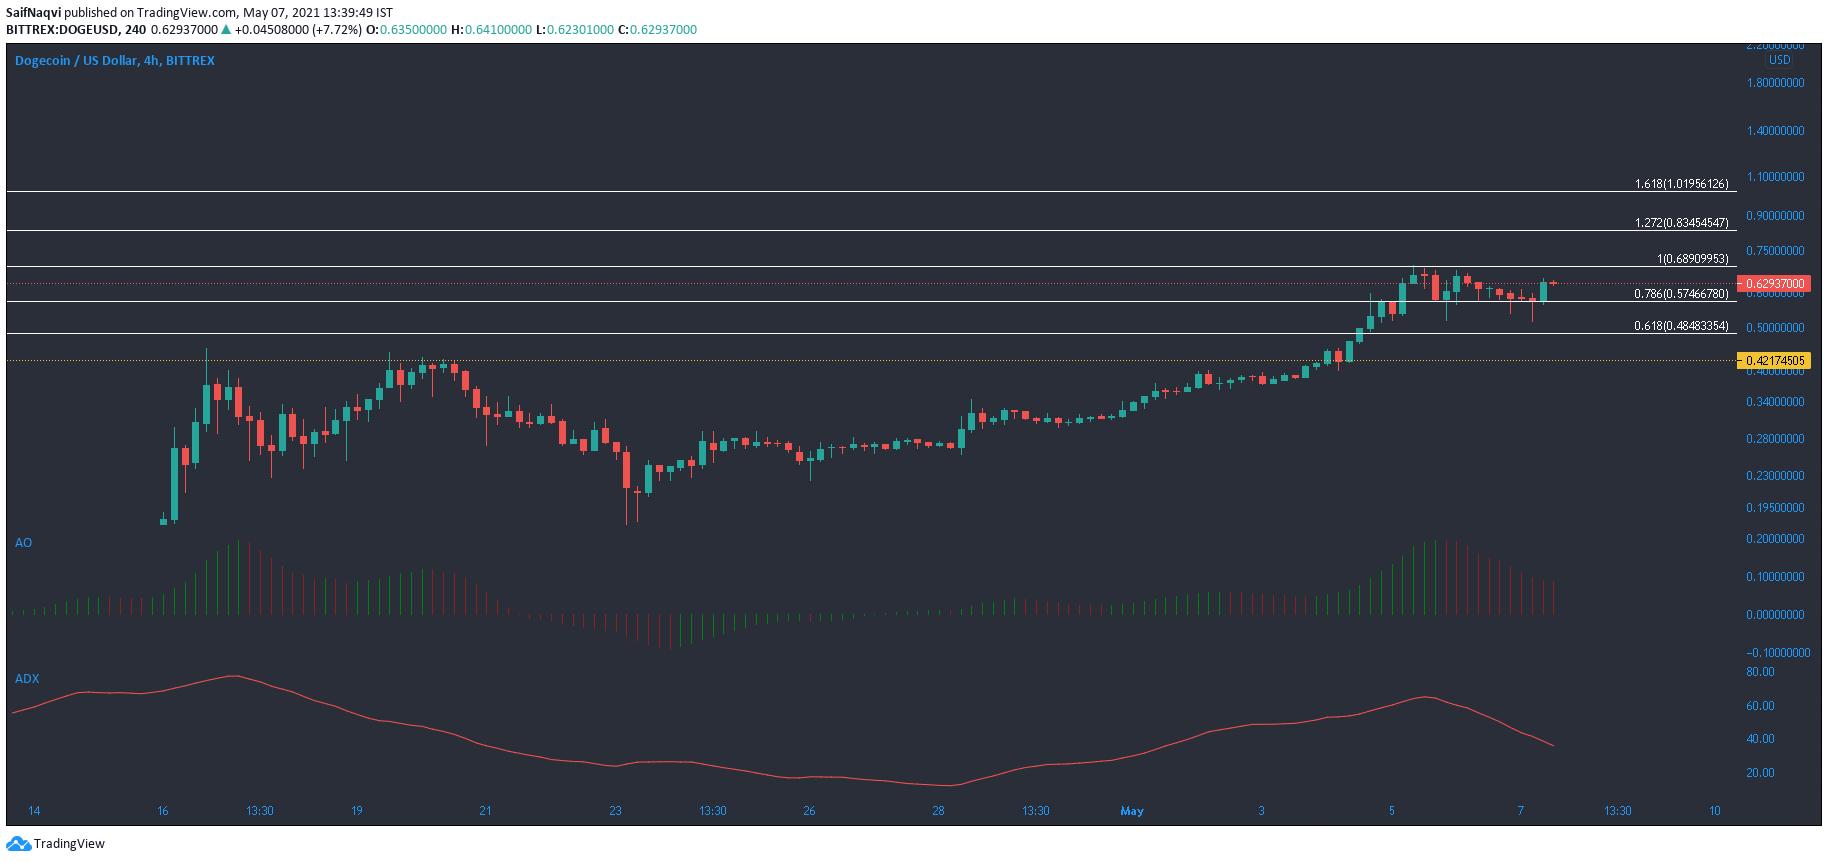 Análisis de precios de Dogecoin, XRP, Terra: 07 de mayo